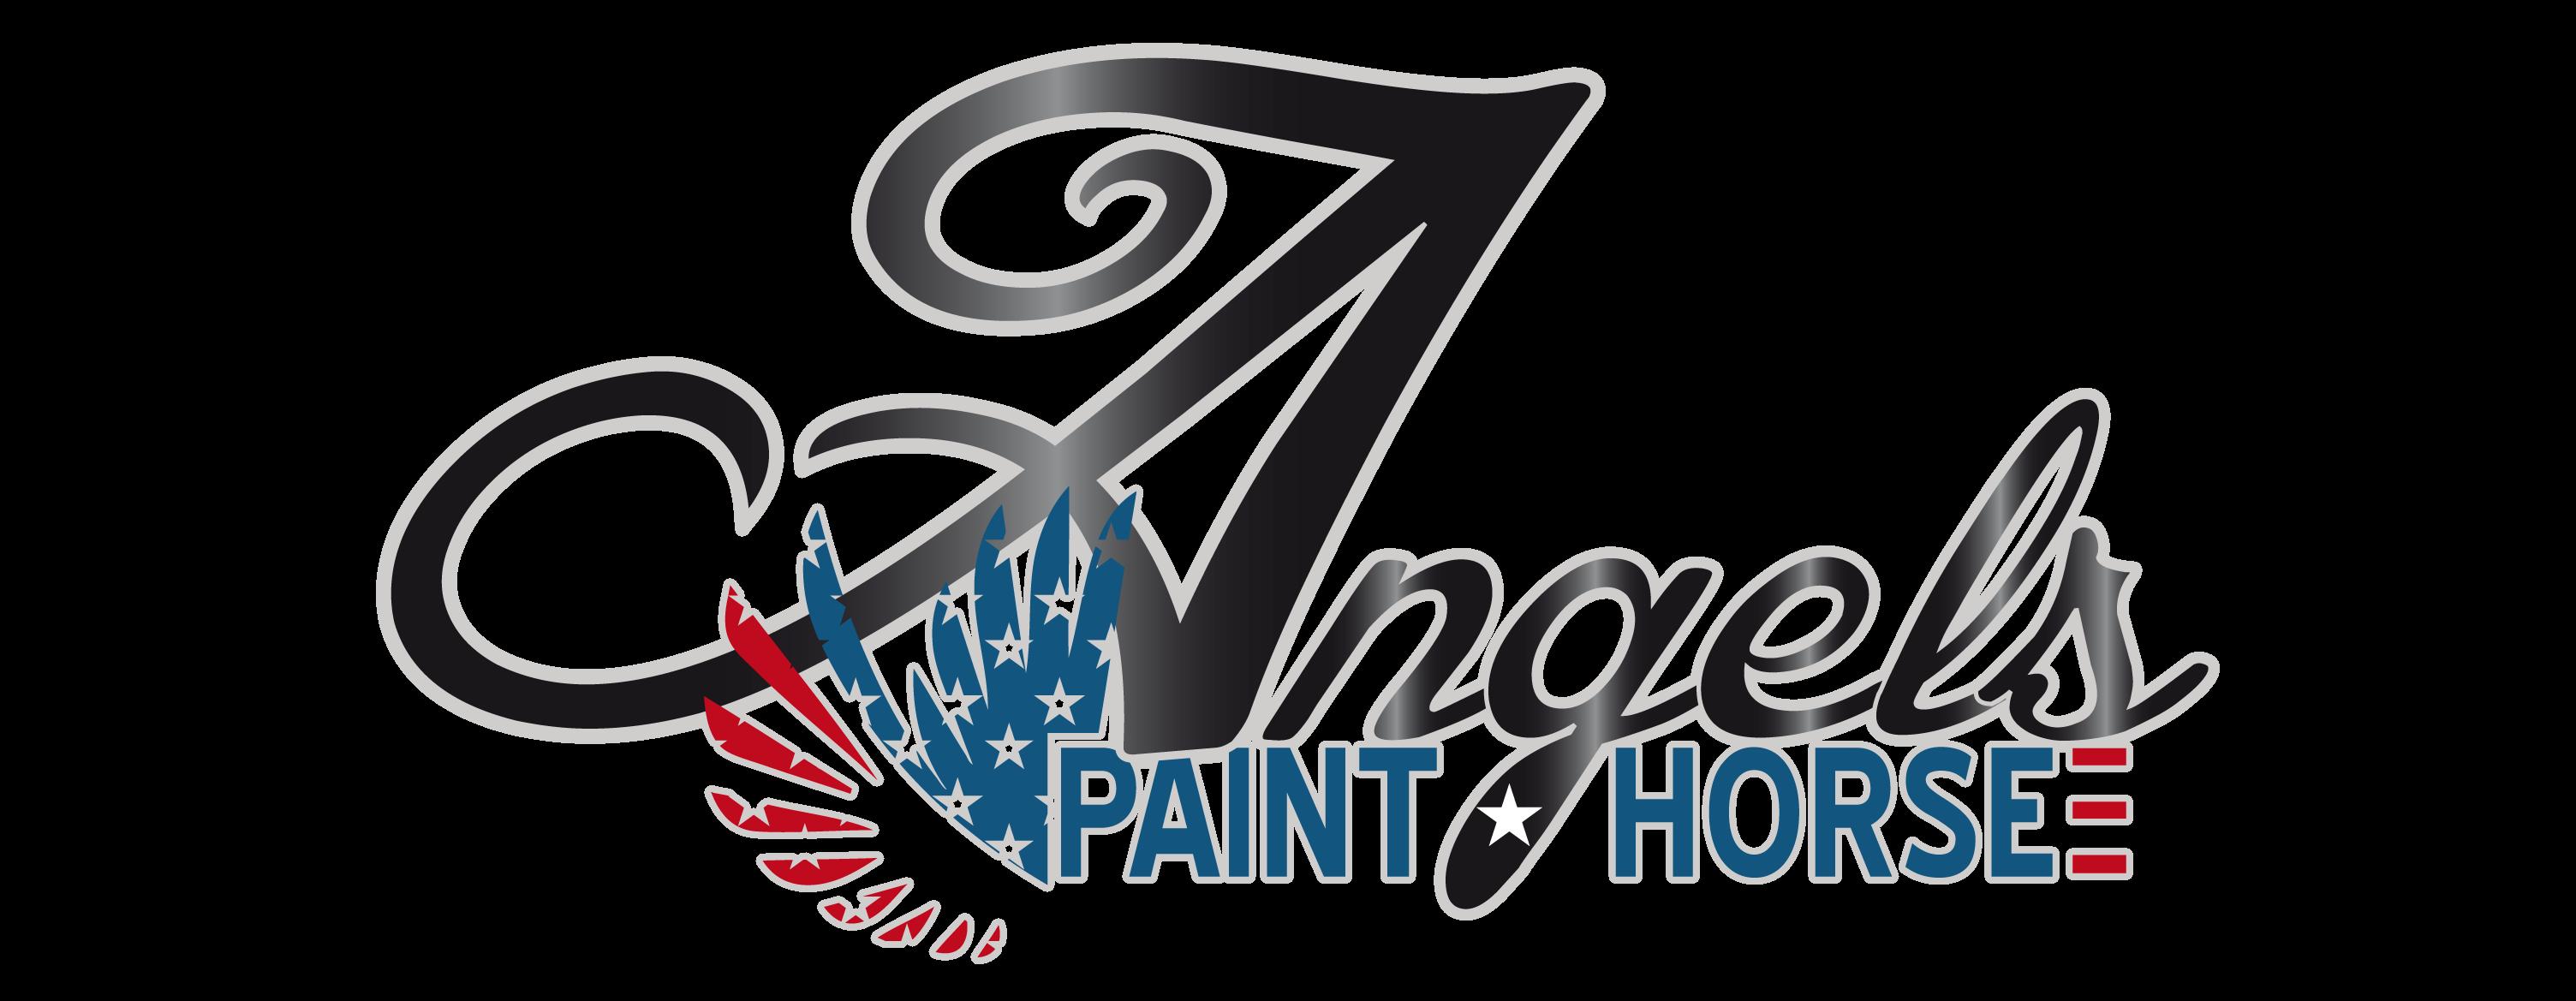 Elevage de chevaux Paint et Quarter Horse